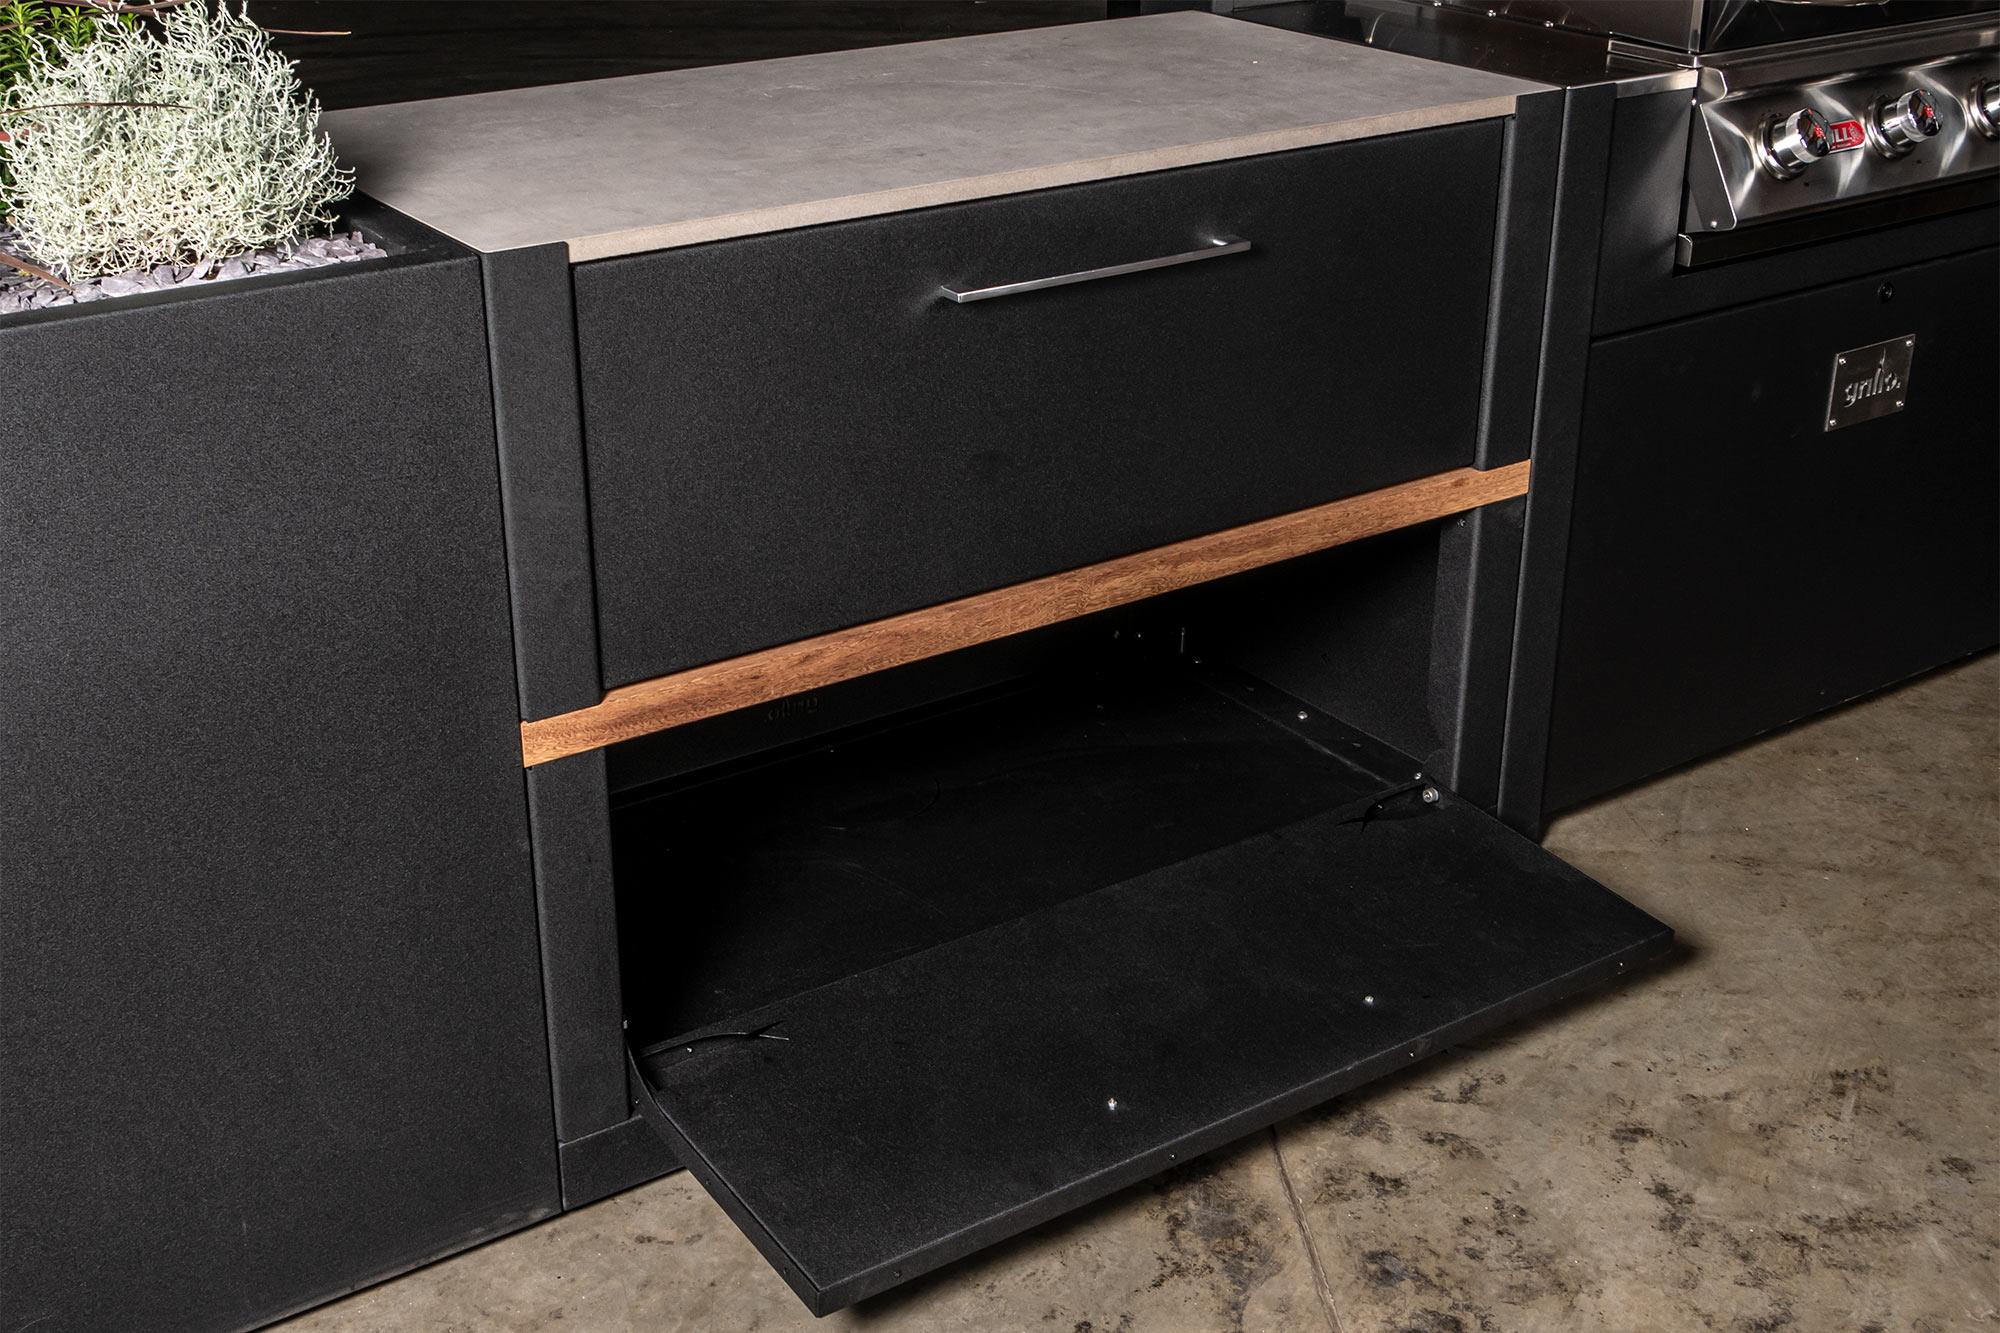 Frontage cabinet doors open